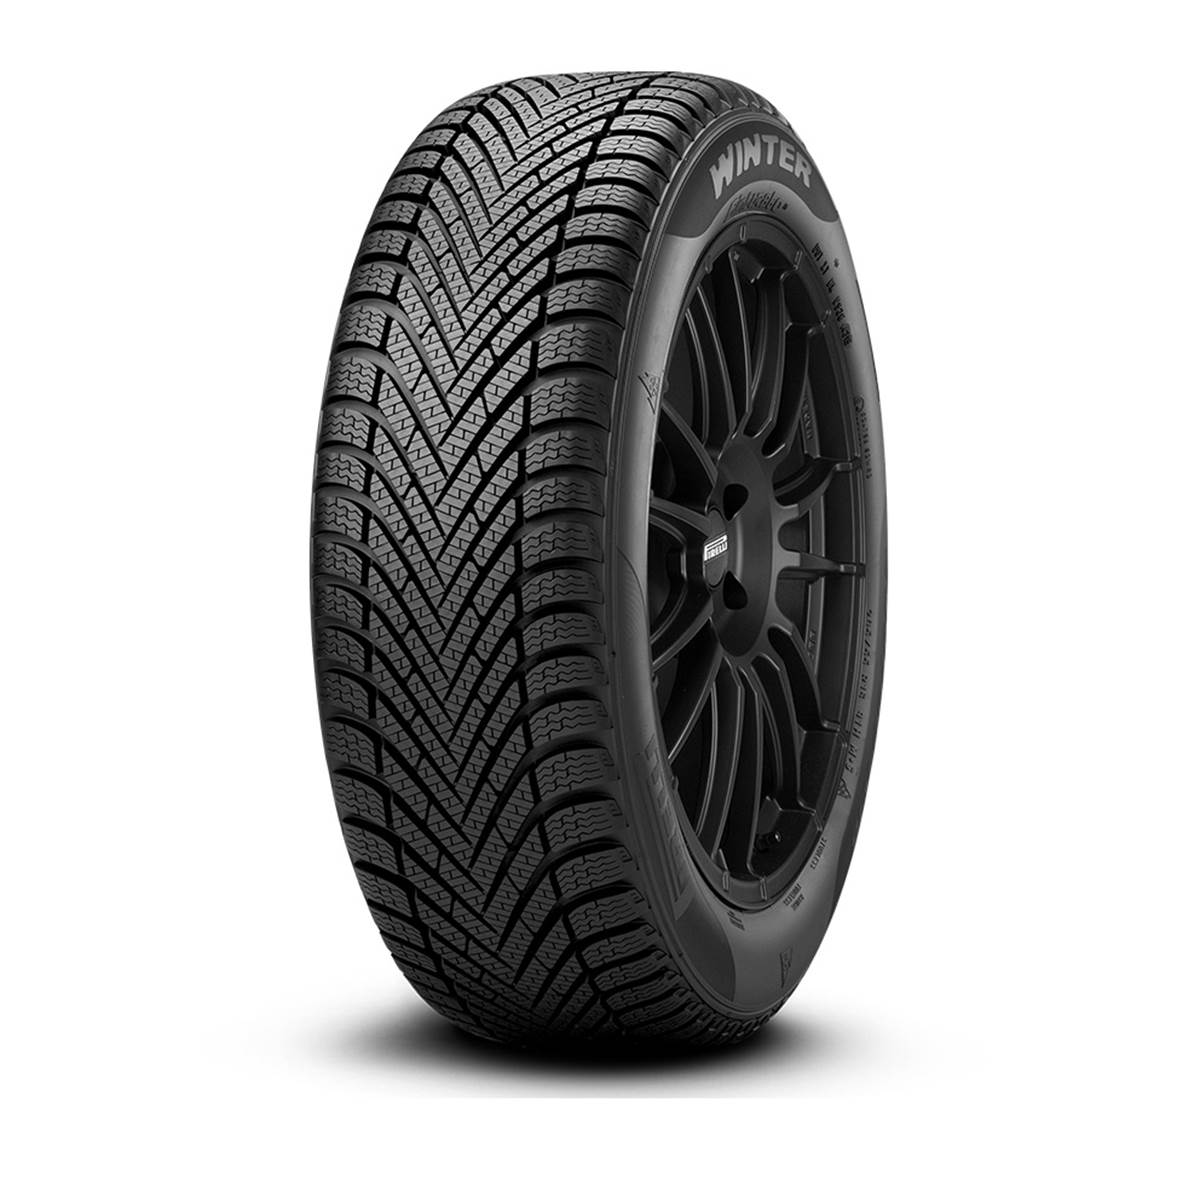 Pneu Hiver Pirelli 195/65R15 91T Cinturato Winter